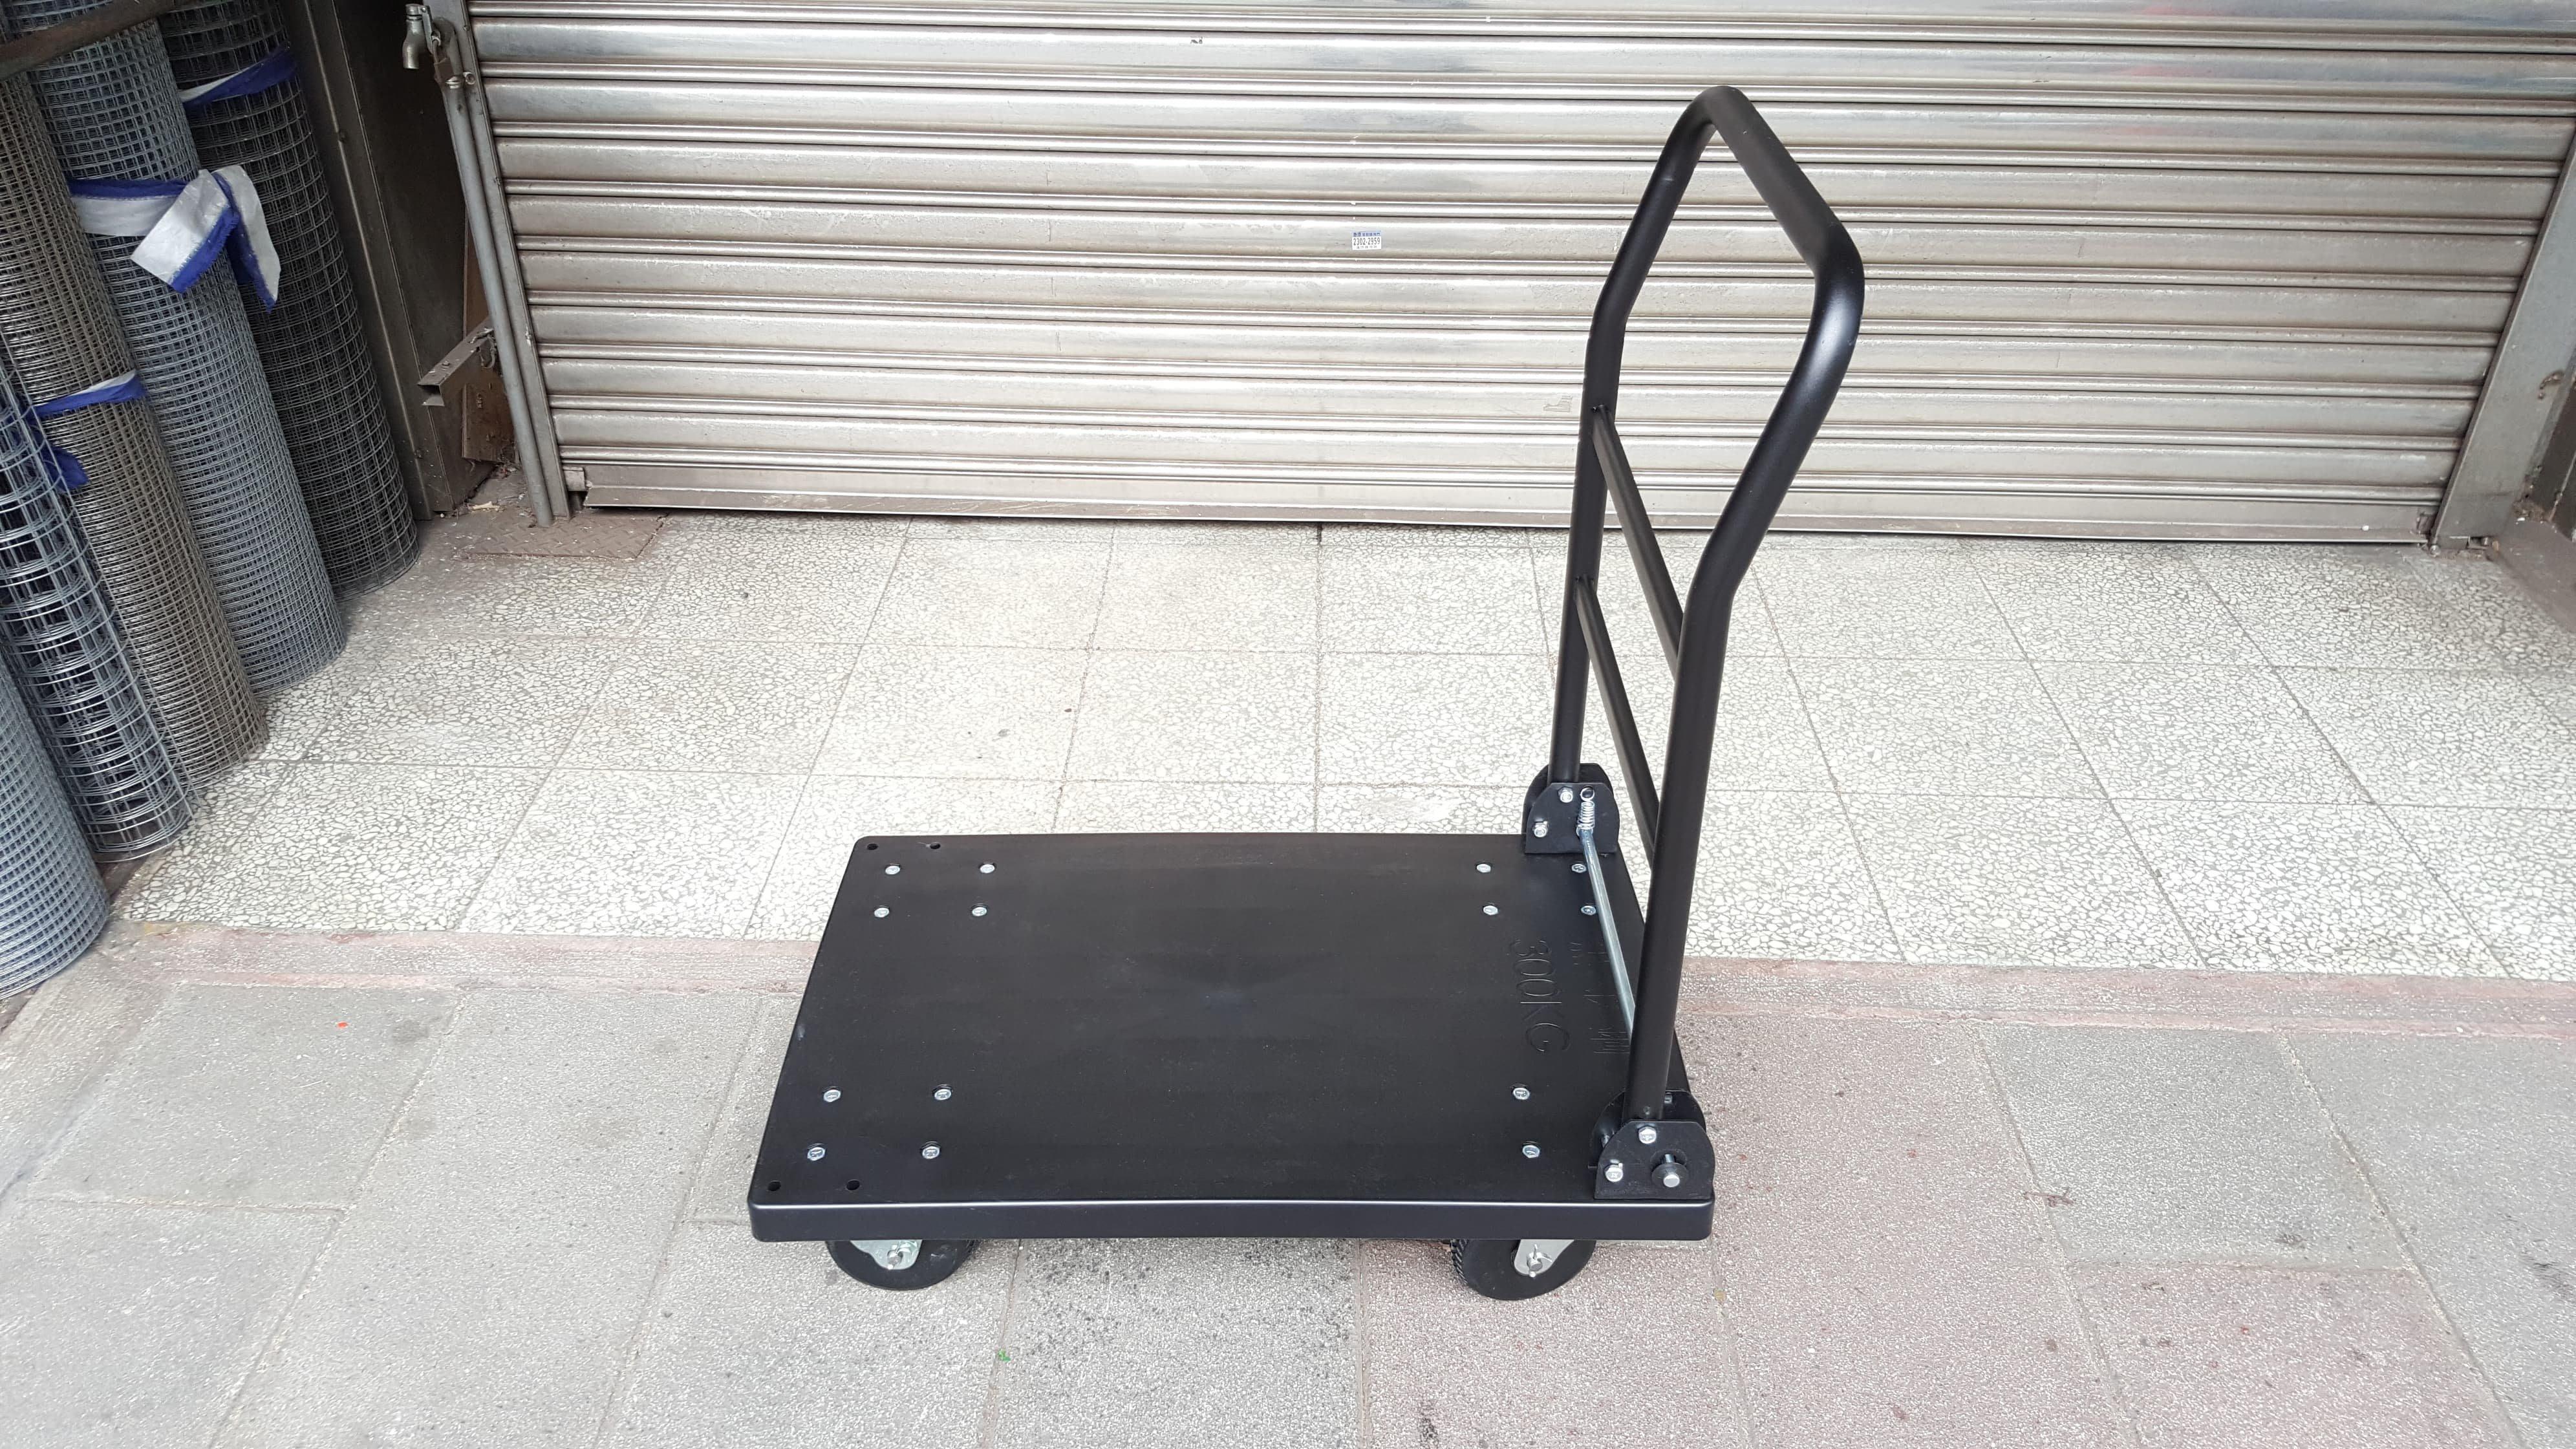 ㊣(專業手推車經銷商)㊣5吋橡膠銑鐵輪黑金鋼塑鋼手推車